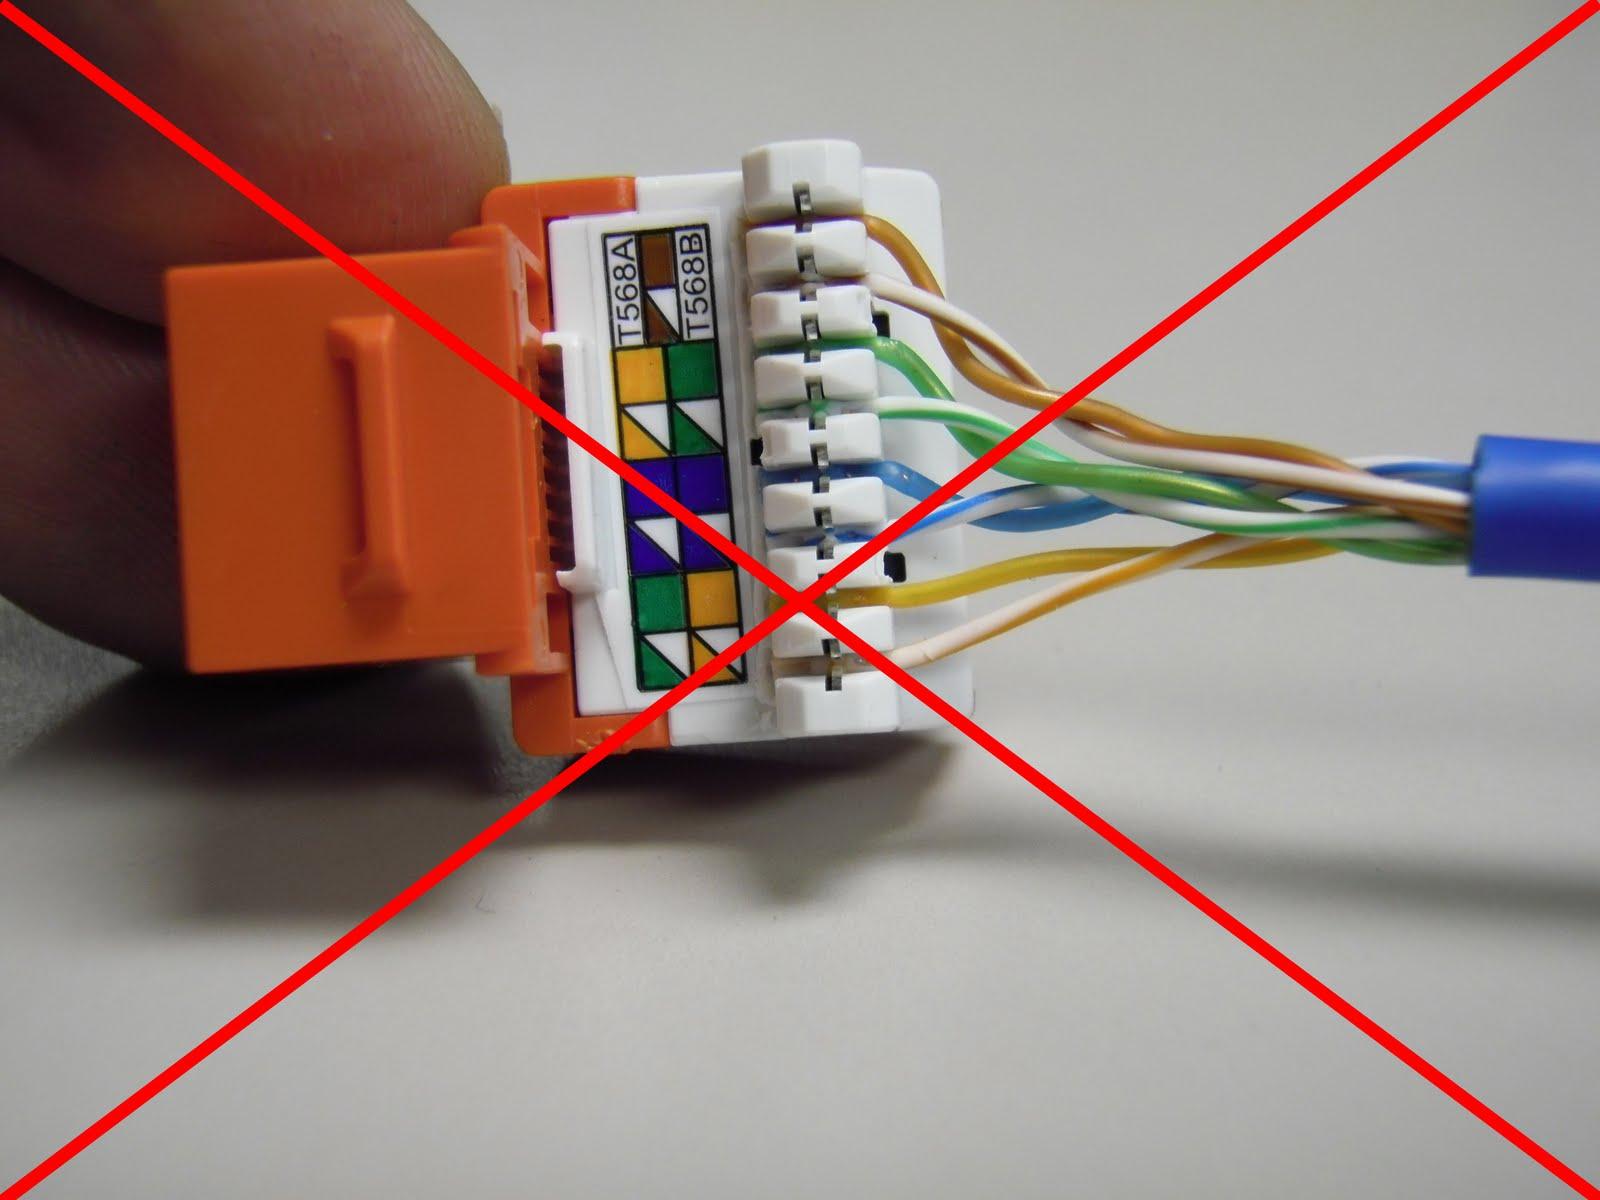 Cat 5 Phone Jack Wiring Diagram moreover Centurylink Phone Jack Wiring further Rj31x Jack Wiring Use also X16 Phone 110 Wiring Diagram furthermore Usb Cord Wire Diagram. on the line to phone jack wiring diagram